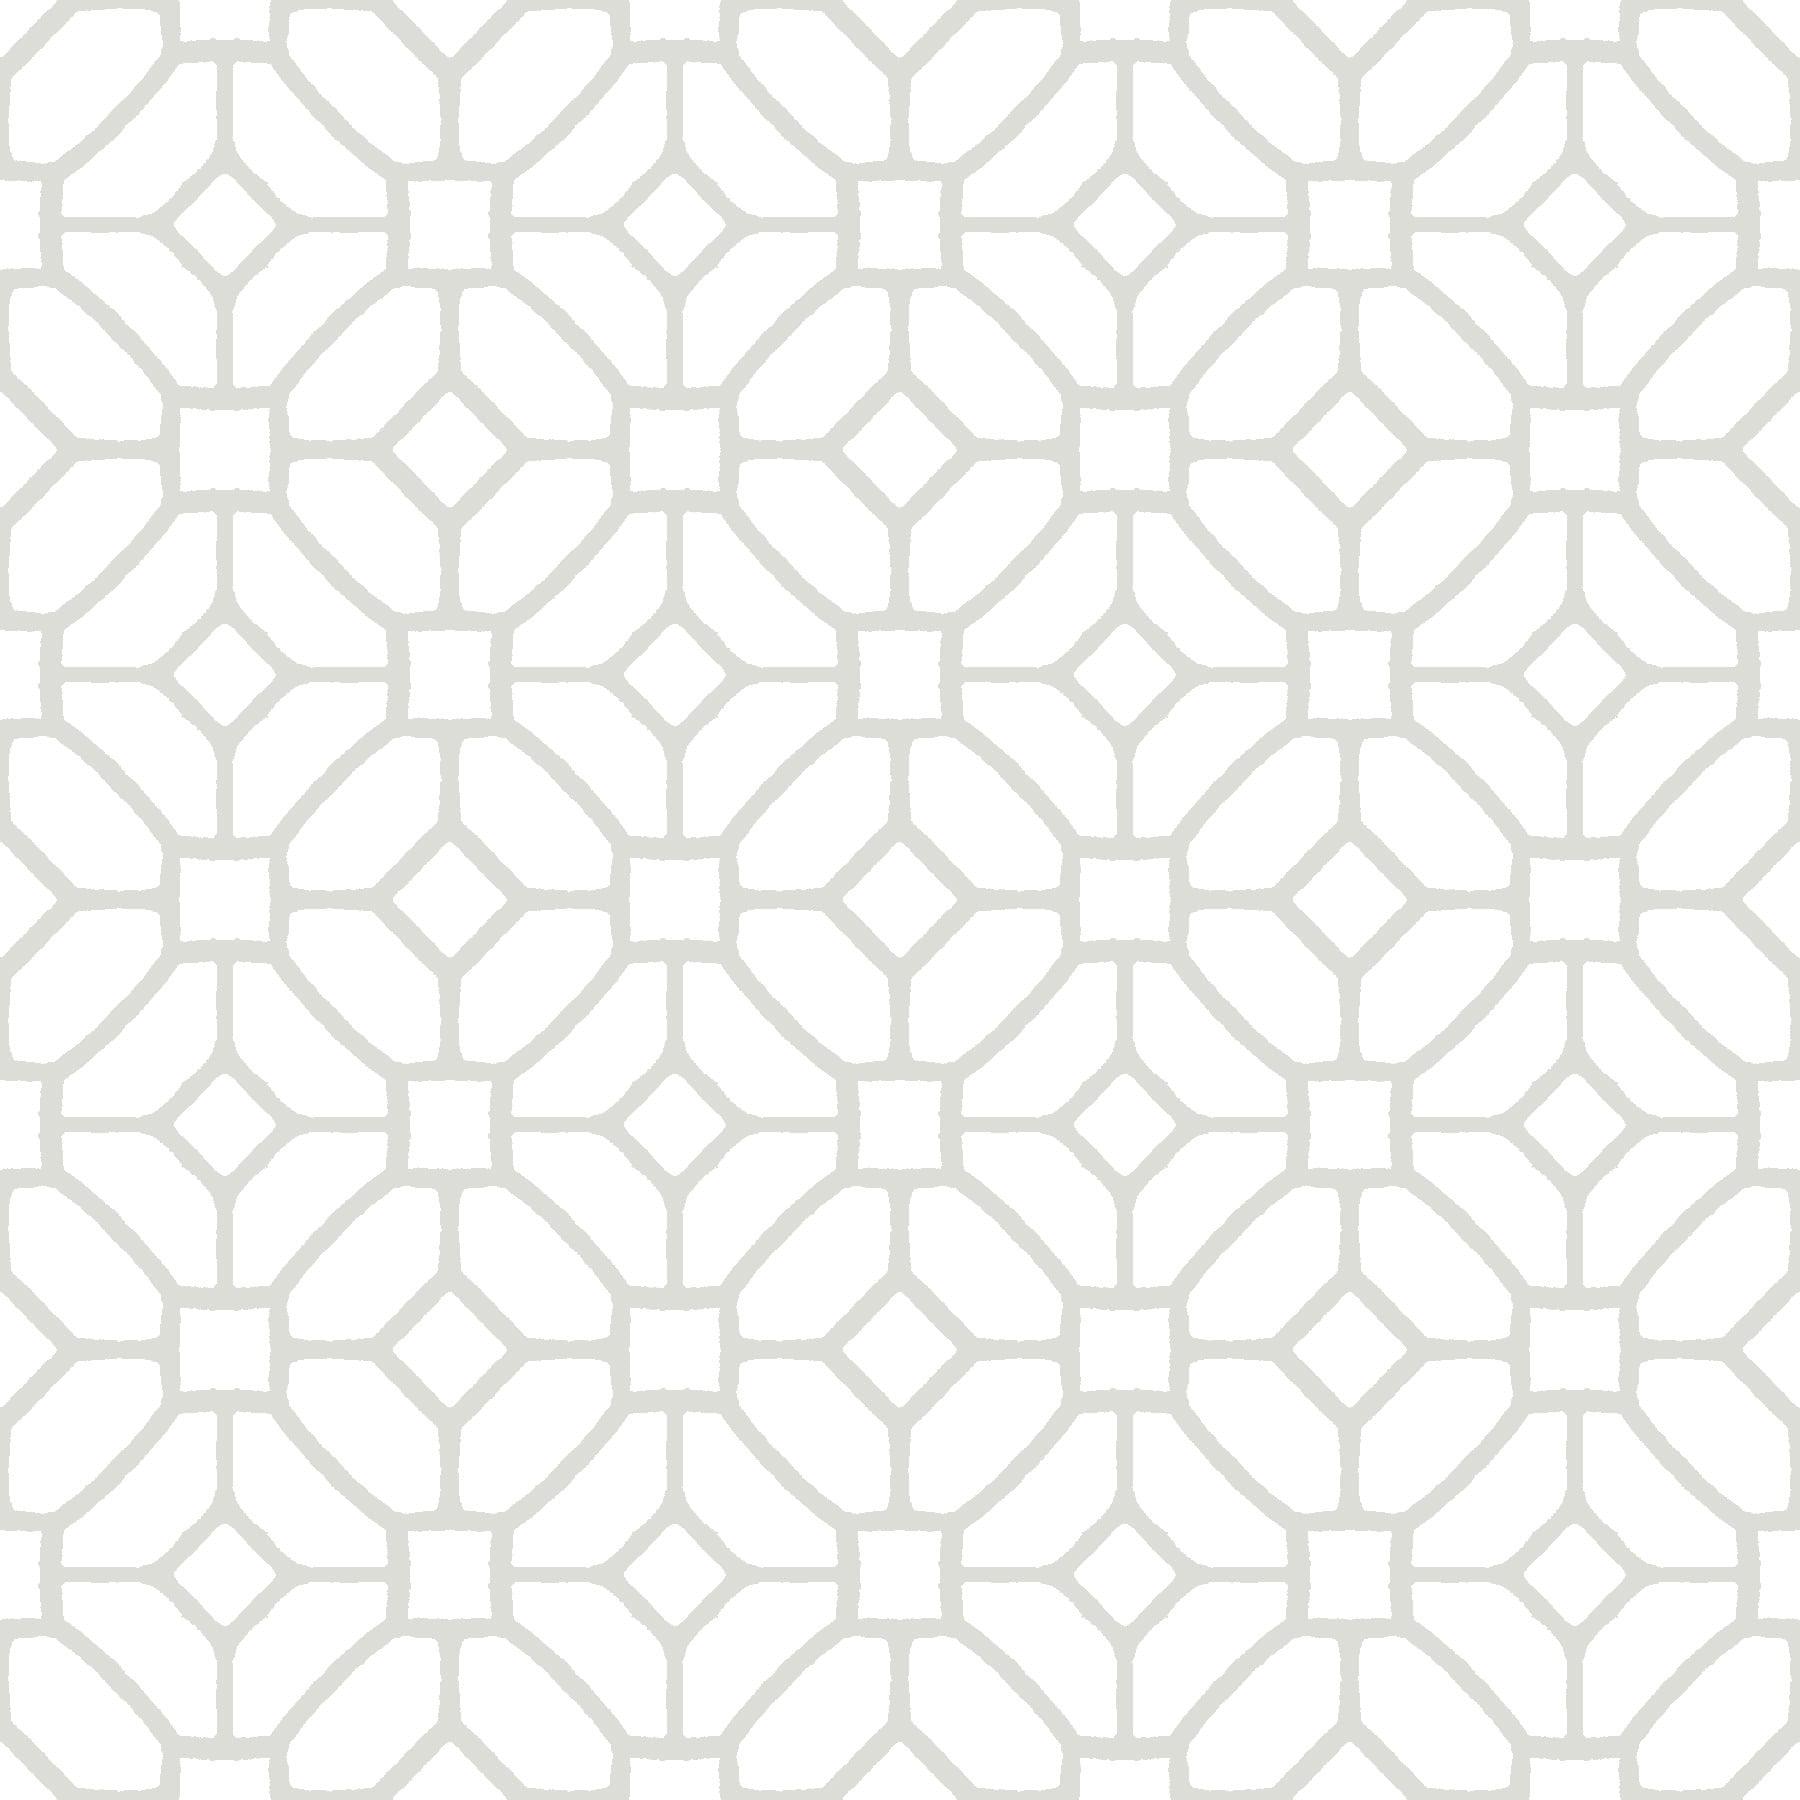 FloorPops Lattice Peel & Stick Floor Tiles 10 Tiles/10 sq. ft.